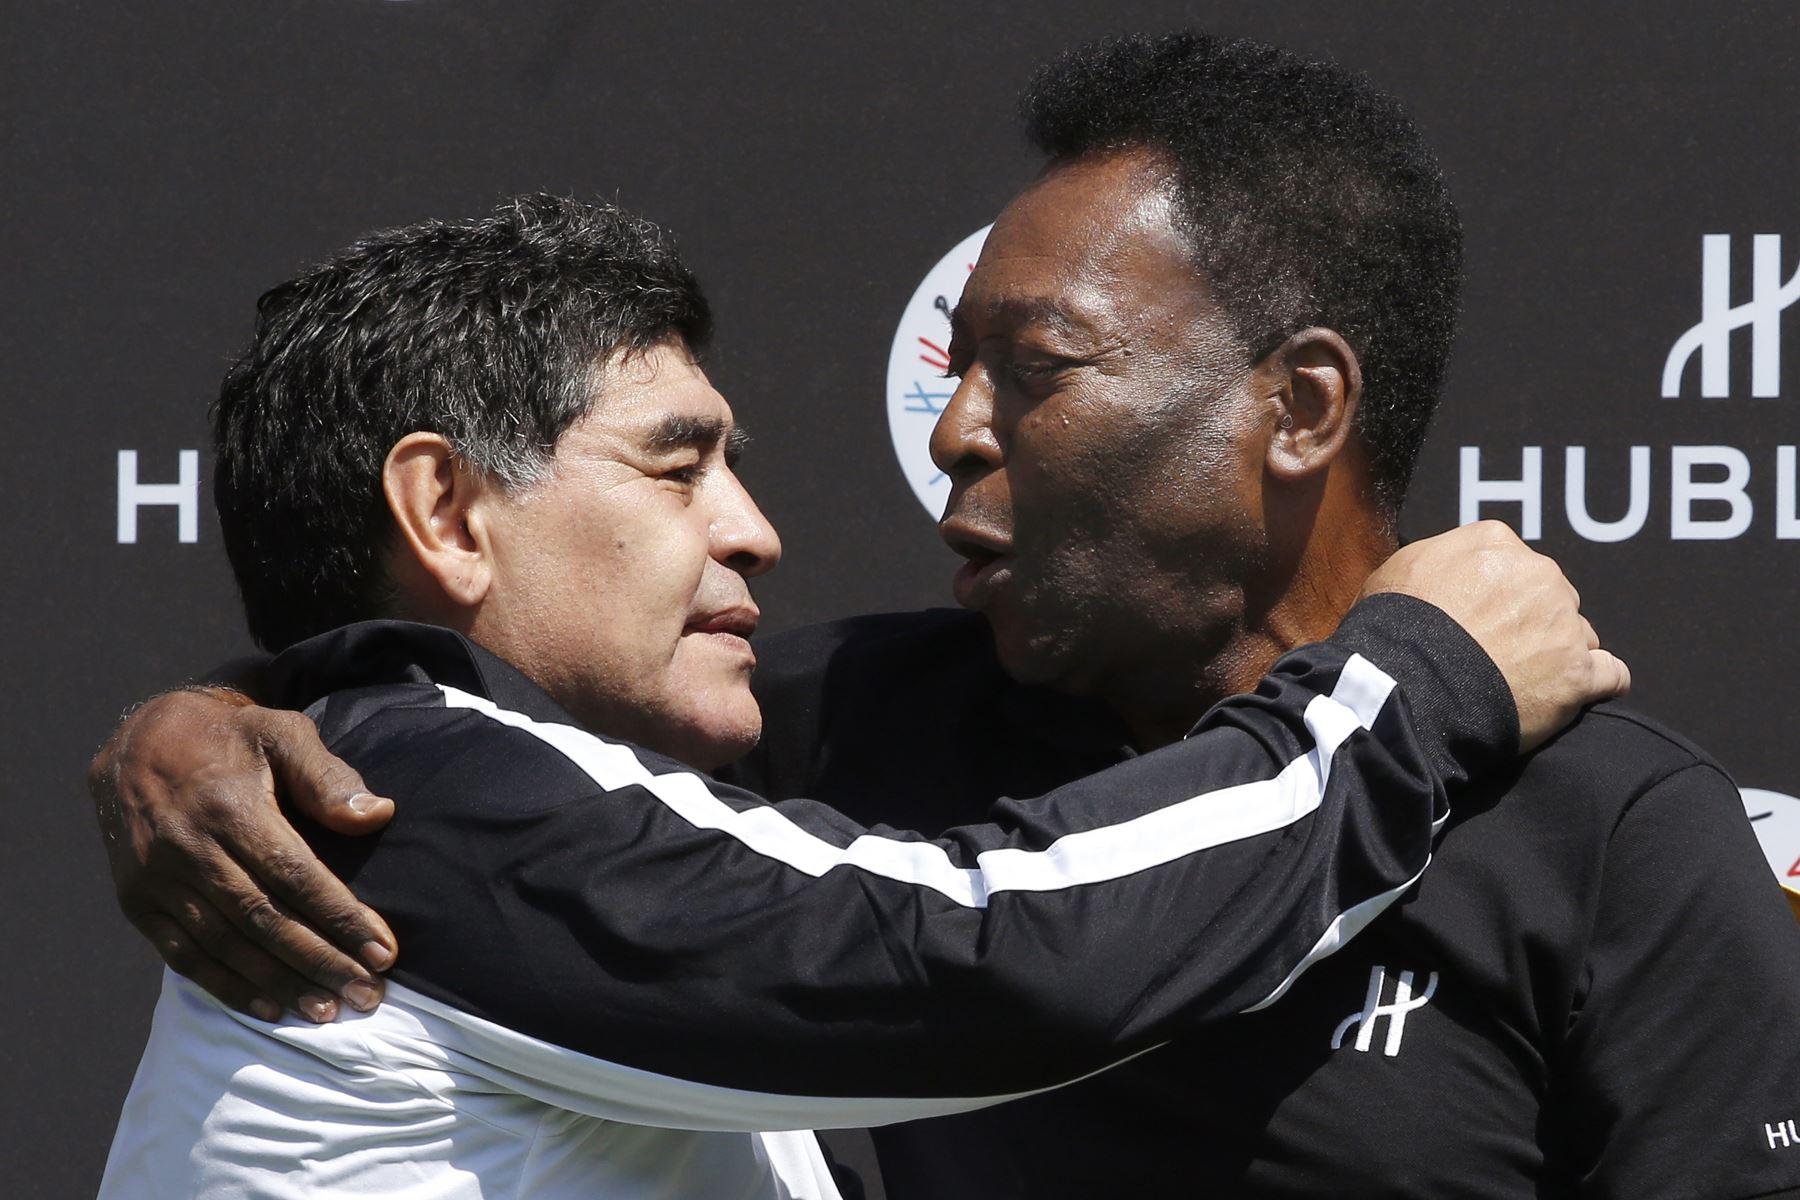 En esta foto de archivo tomada el 9 de junio de 2016, el astro del fútbol argentino Diego Maradona y el crack  brasileño Pele posan después de un partido de fútbol organizado por el relojero de lujo suizo Hublot en el Jardin du Palais Royal de París. Foto: AFP